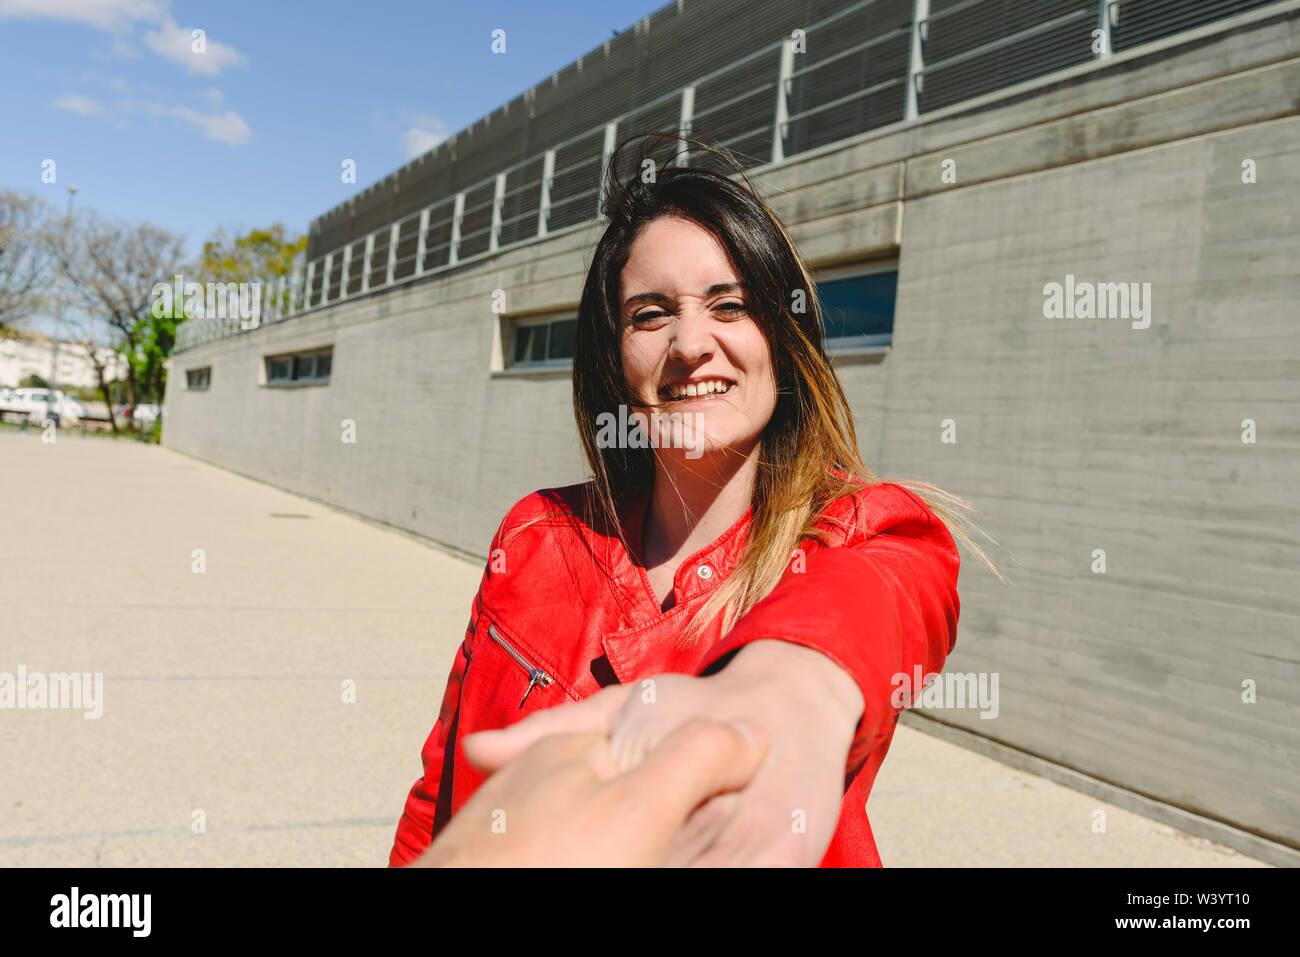 Joven de chaqueta roja sosteniendo su mano por su novio sonriendo. Imagen De Stock